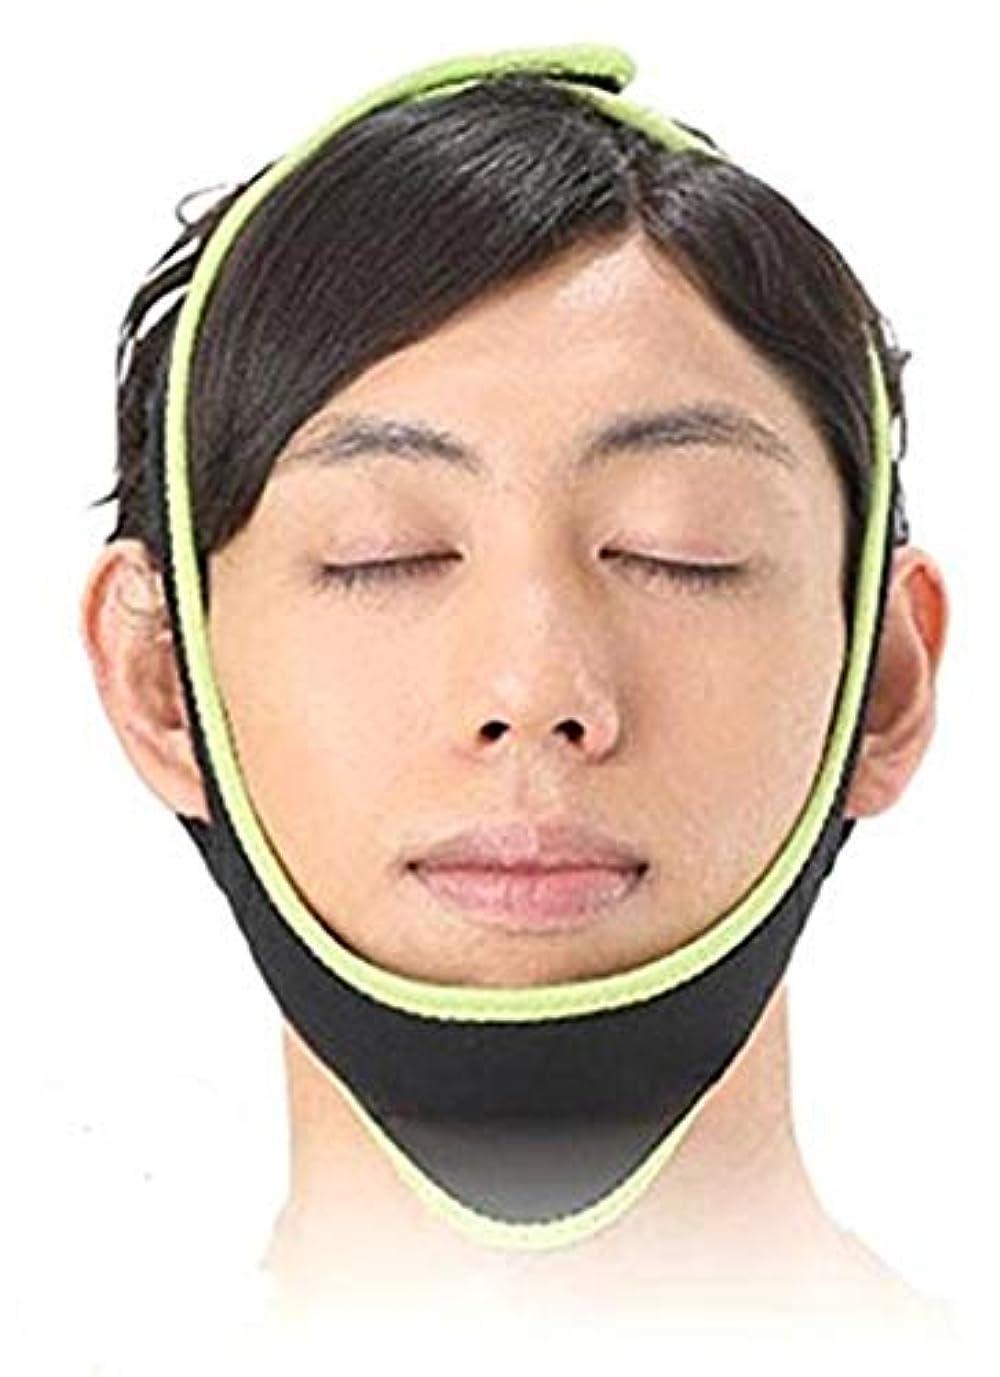 のスコア要求するヤギCREPUSCOLO 小顔へ! 小顔リフトアップ ベルト 小顔マスク 小顔コルセット 小顔矯正 美容グッズ 美顔器 メンズ